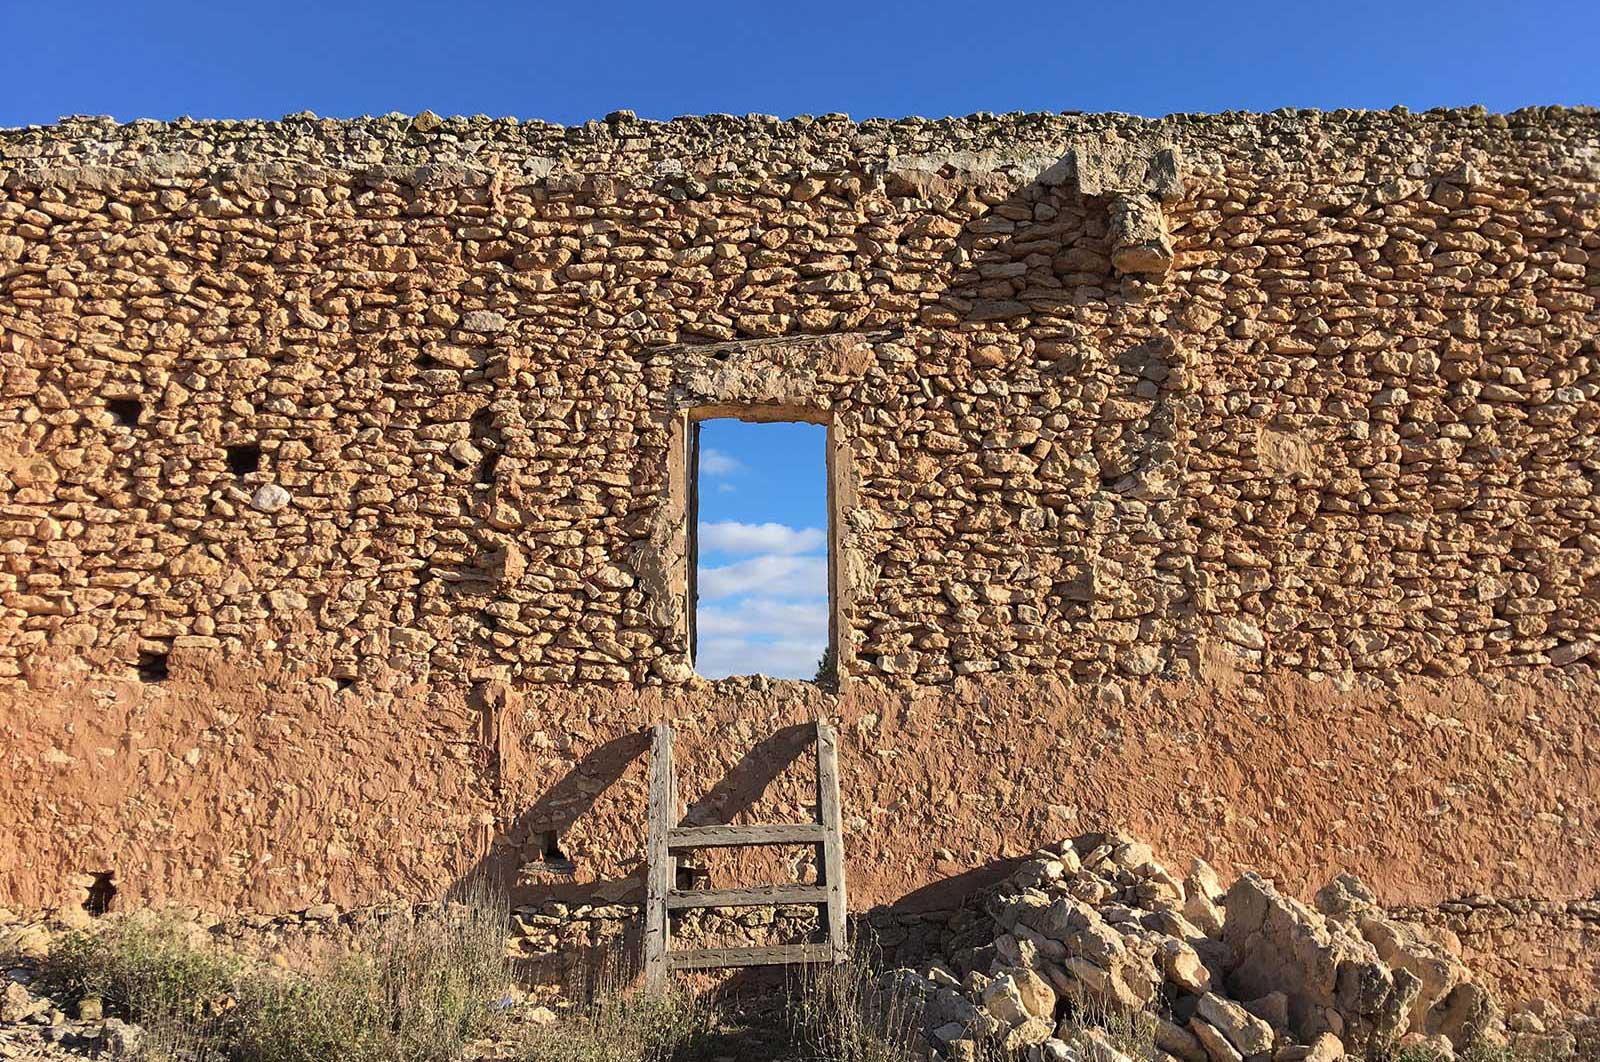 Muro posterior casa Hoya Mansorilla, Yecla, 2018